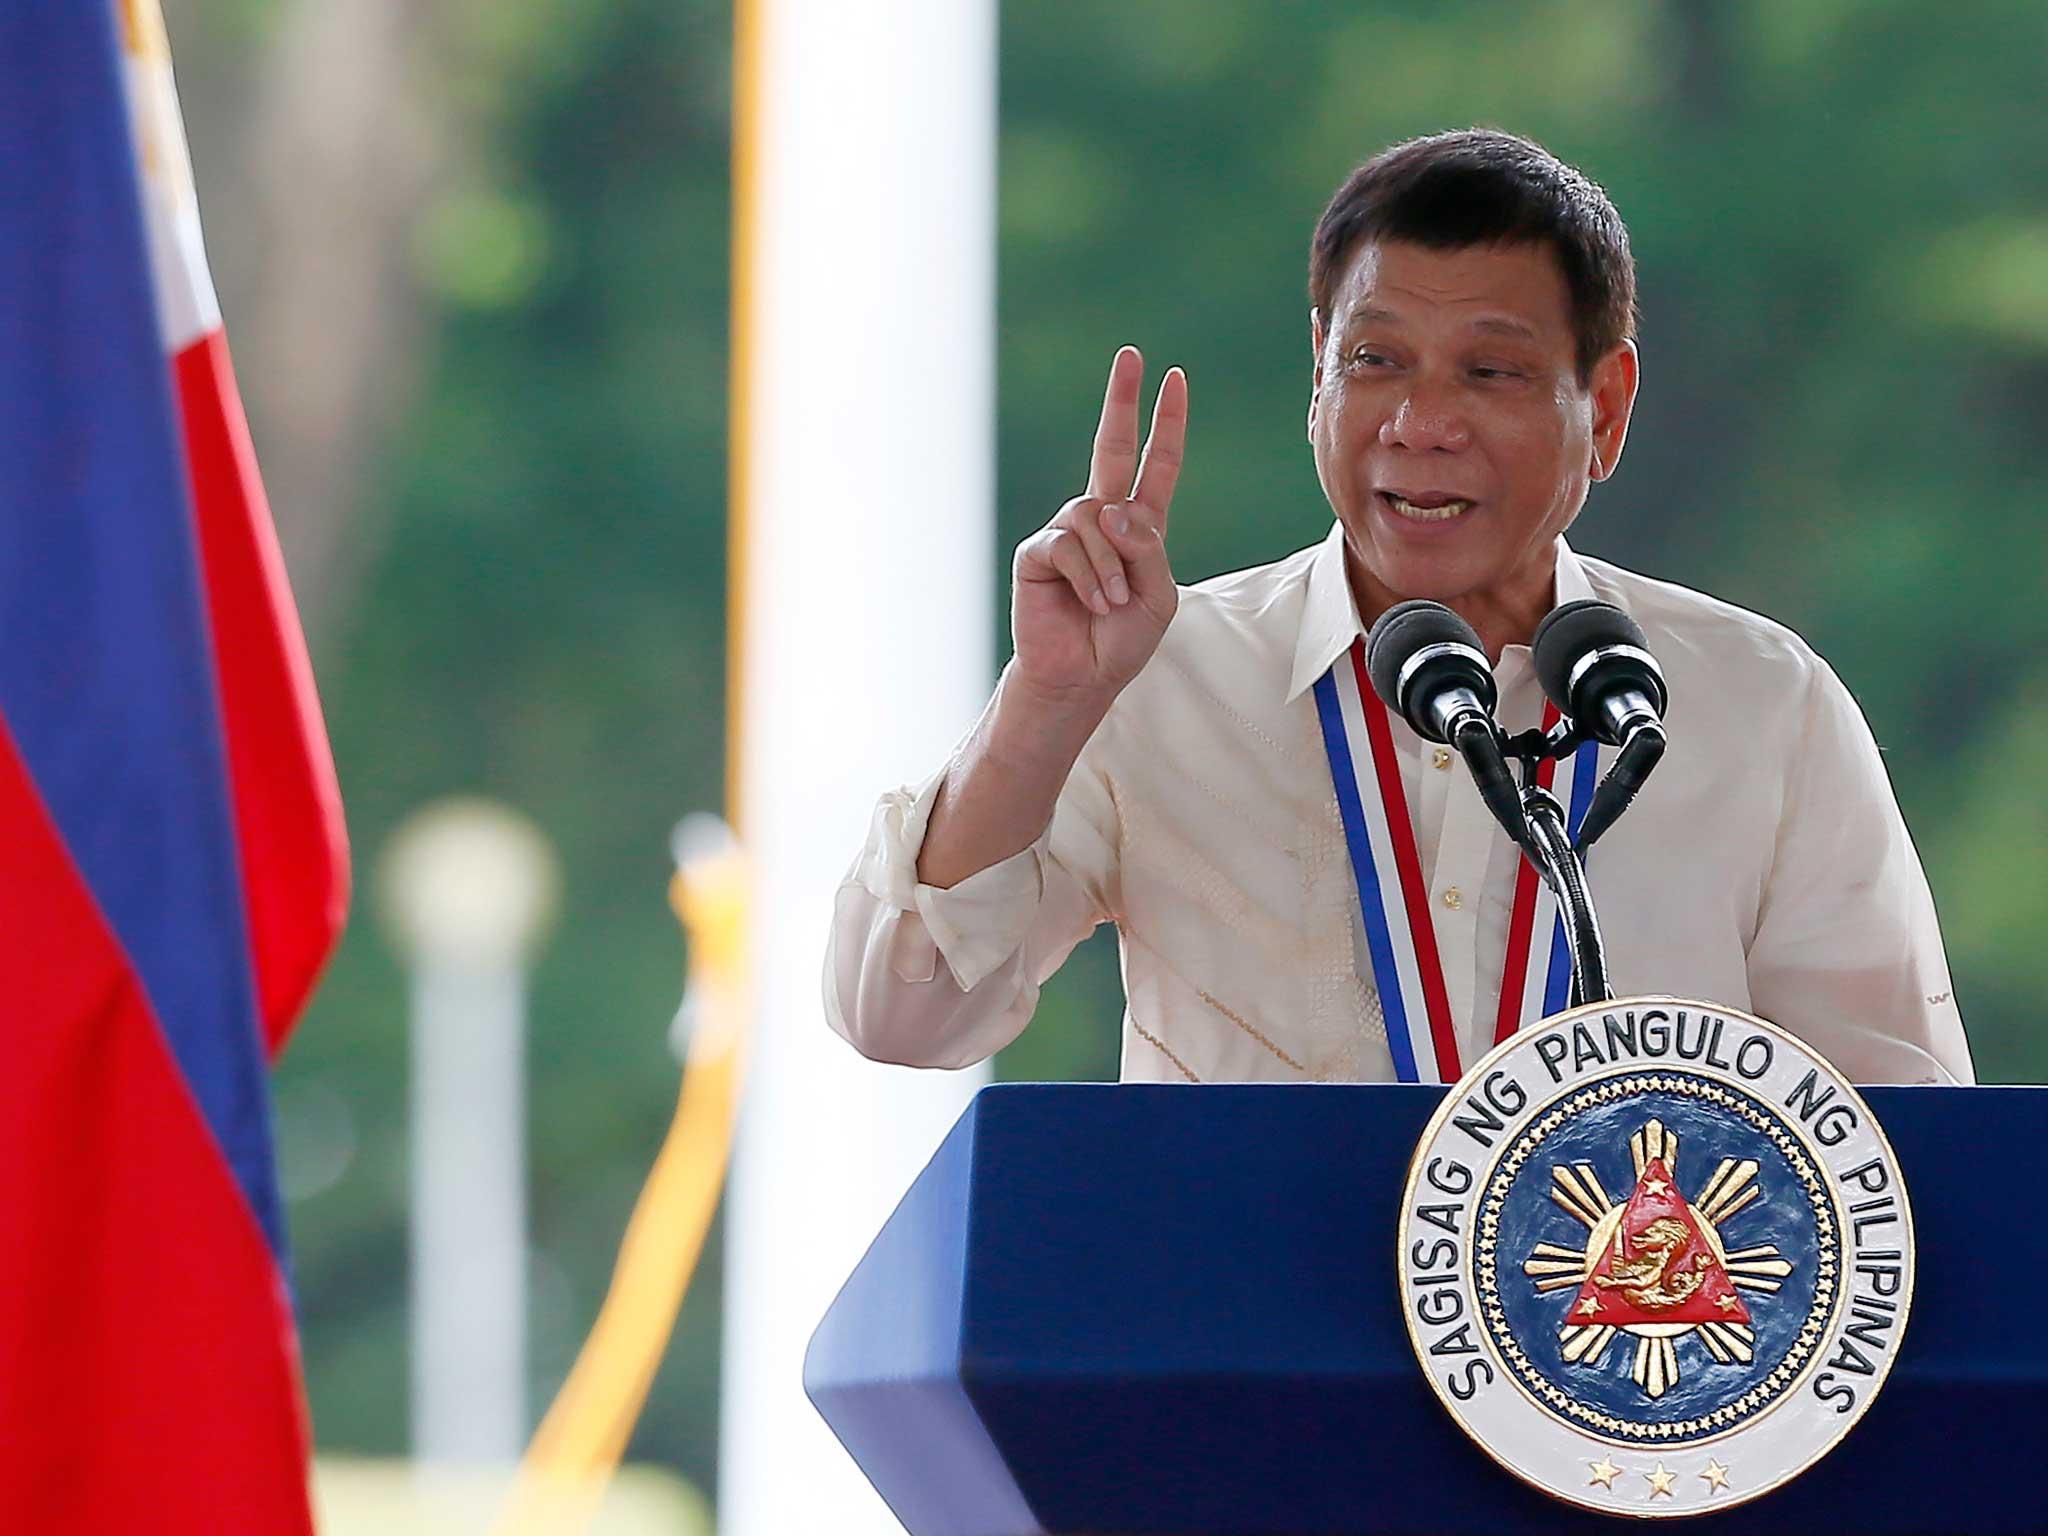 الرئيس الفلبيني يعيد اتفاق القوات بشكل كامل مع الولايات المتحدة